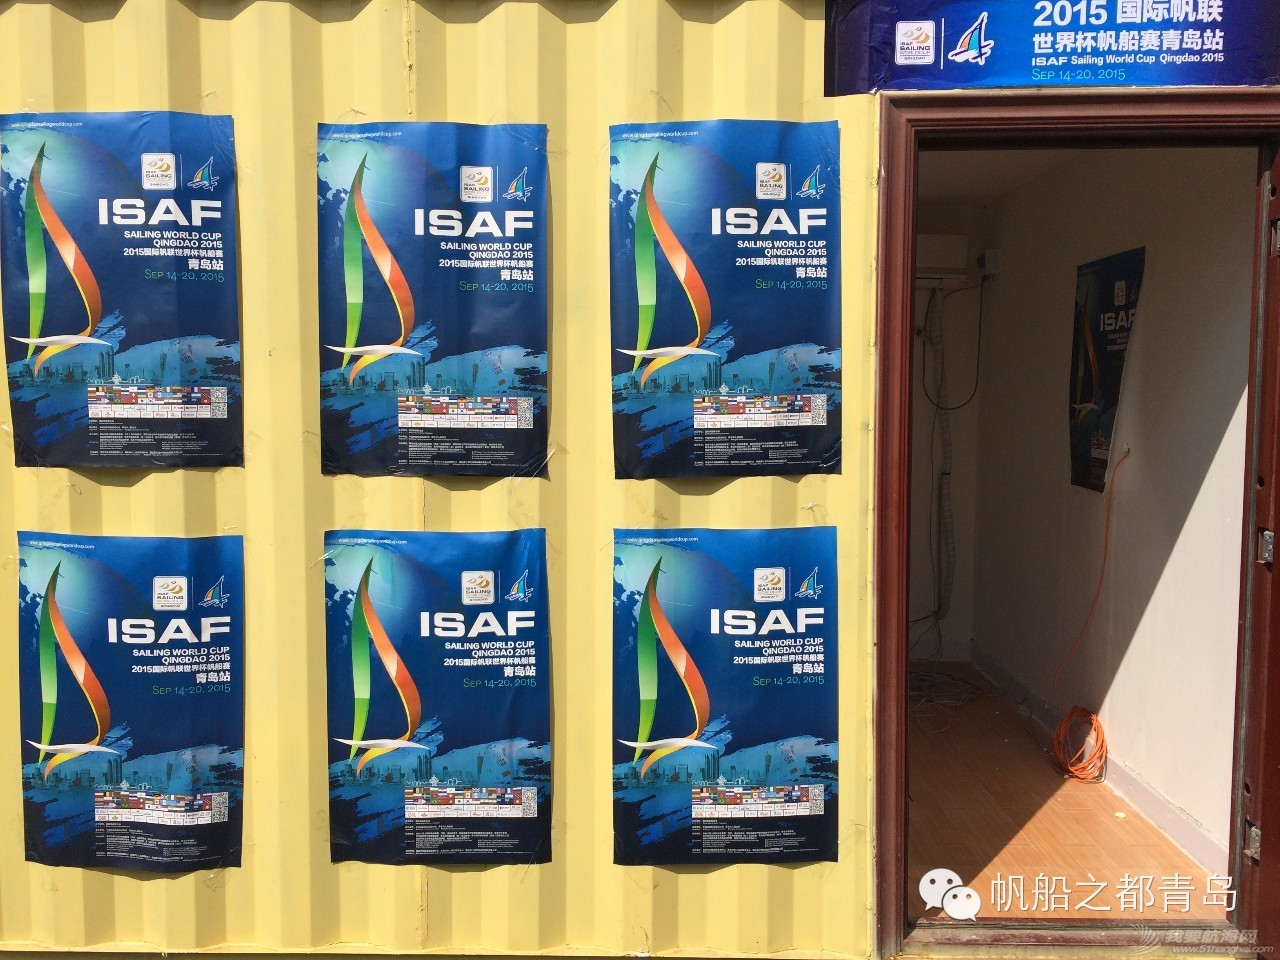 澳大利亚,新闻发布会,西班牙,奥帆中心,国际帆联 2015国际帆联世界杯帆船赛青岛站准备工作就绪,奥帆中心静待比赛开幕。 c2f81e29578eab4f4e48a51a85593288.jpg